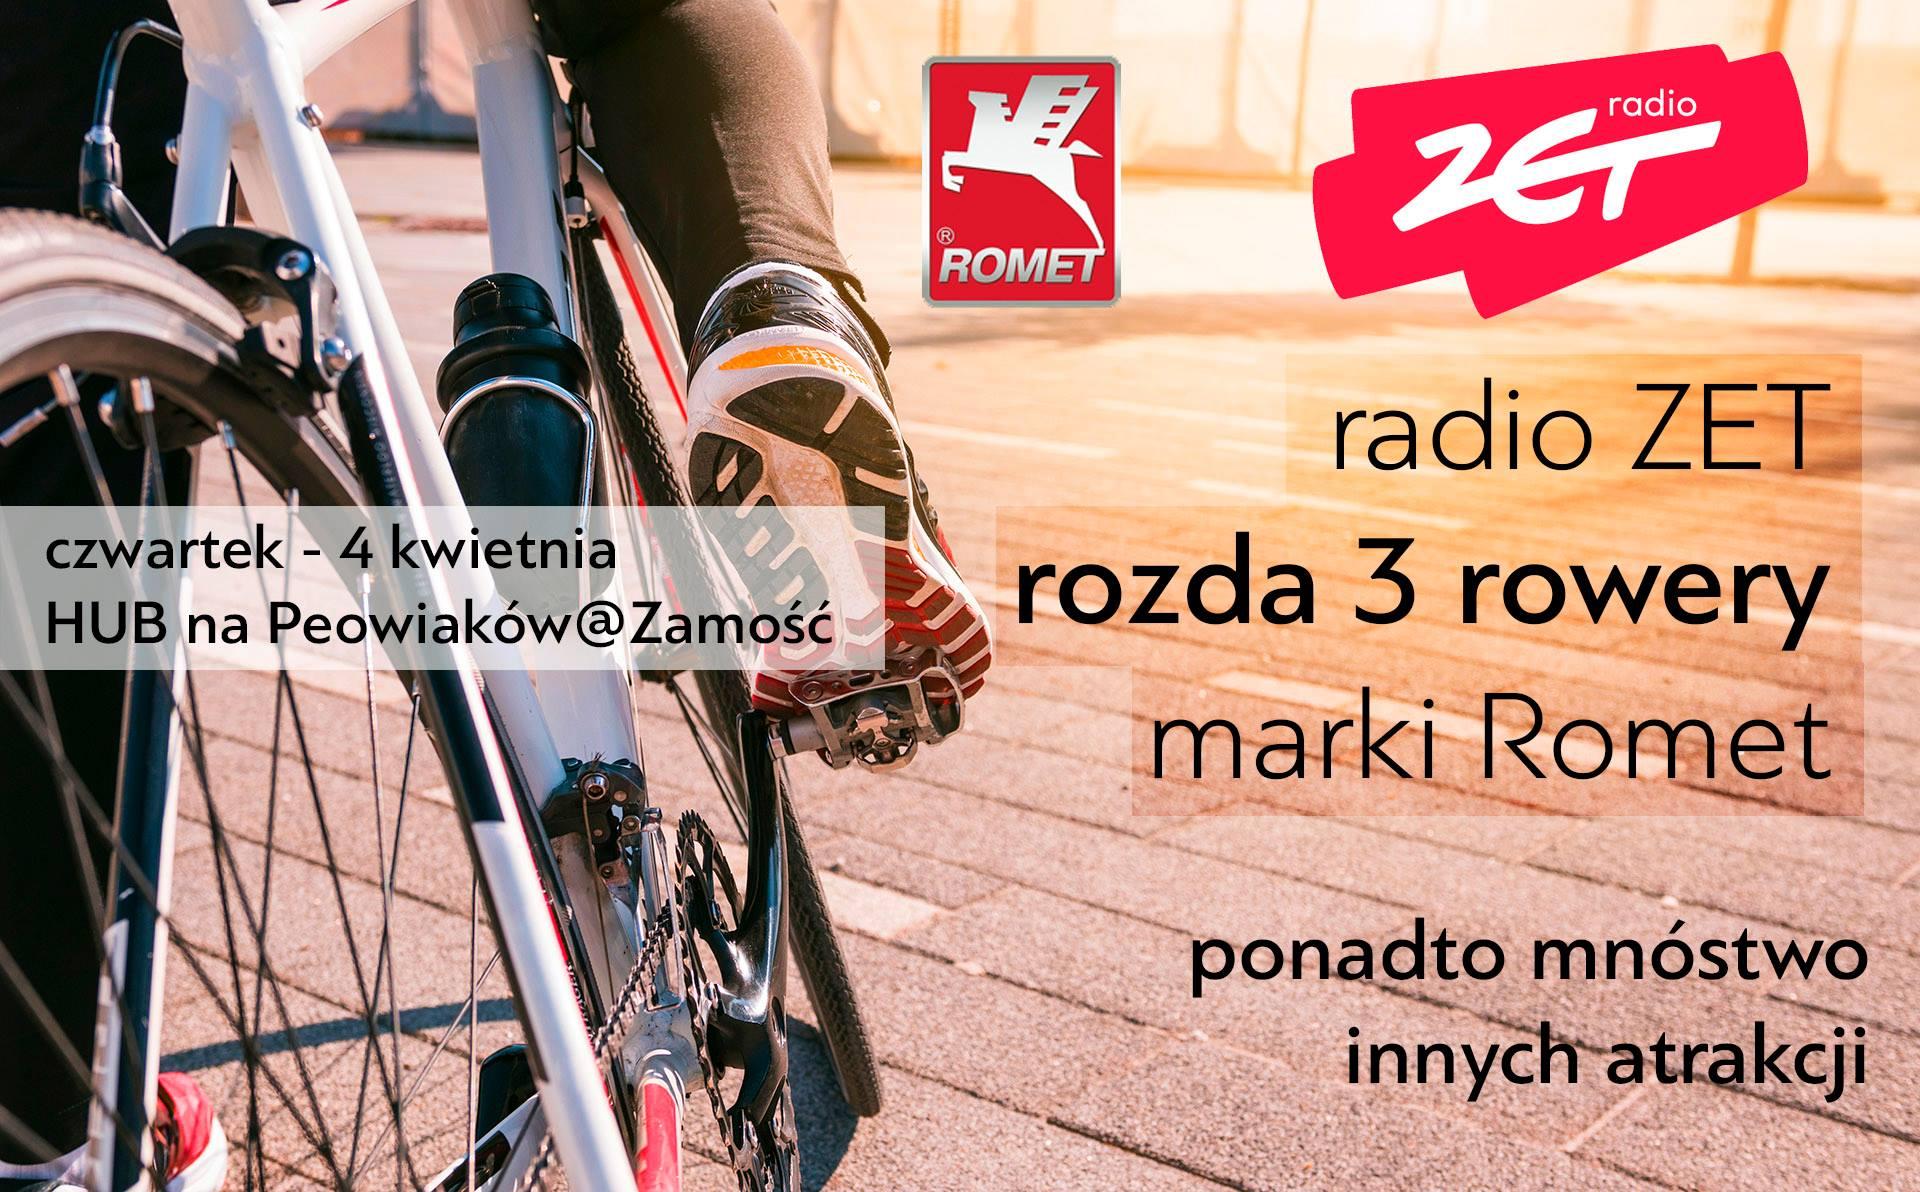 56314579 660036801083345 7293192843311448064 n Już jutro do wygrania 3 rowery Romet - Szczegóły w artykule!